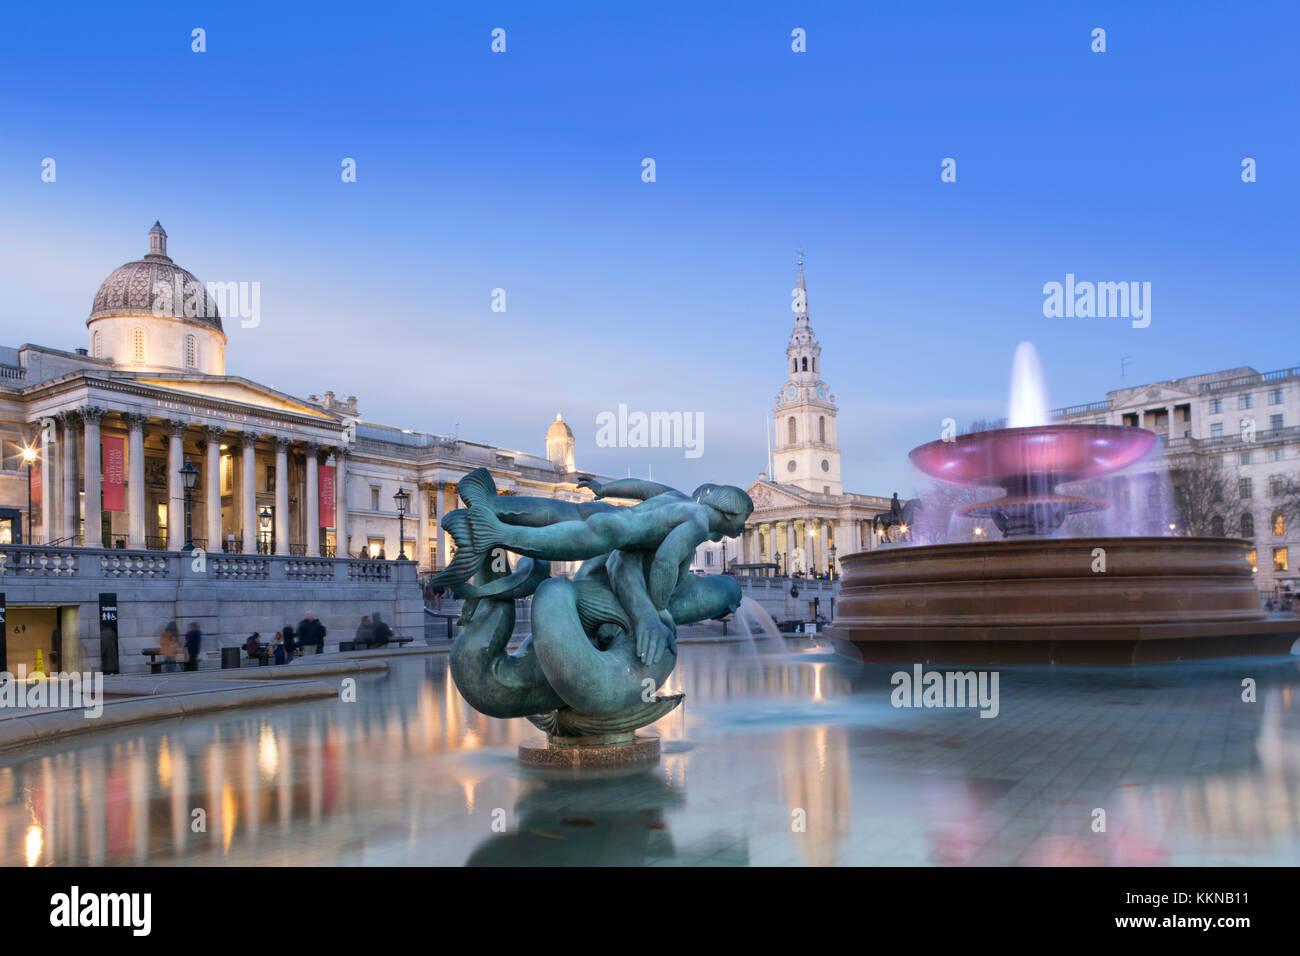 Vista di Trafalgar Square con la National Gallery St Martin nei campi chiesa e fontane da Edwin Lutyens Immagini Stock